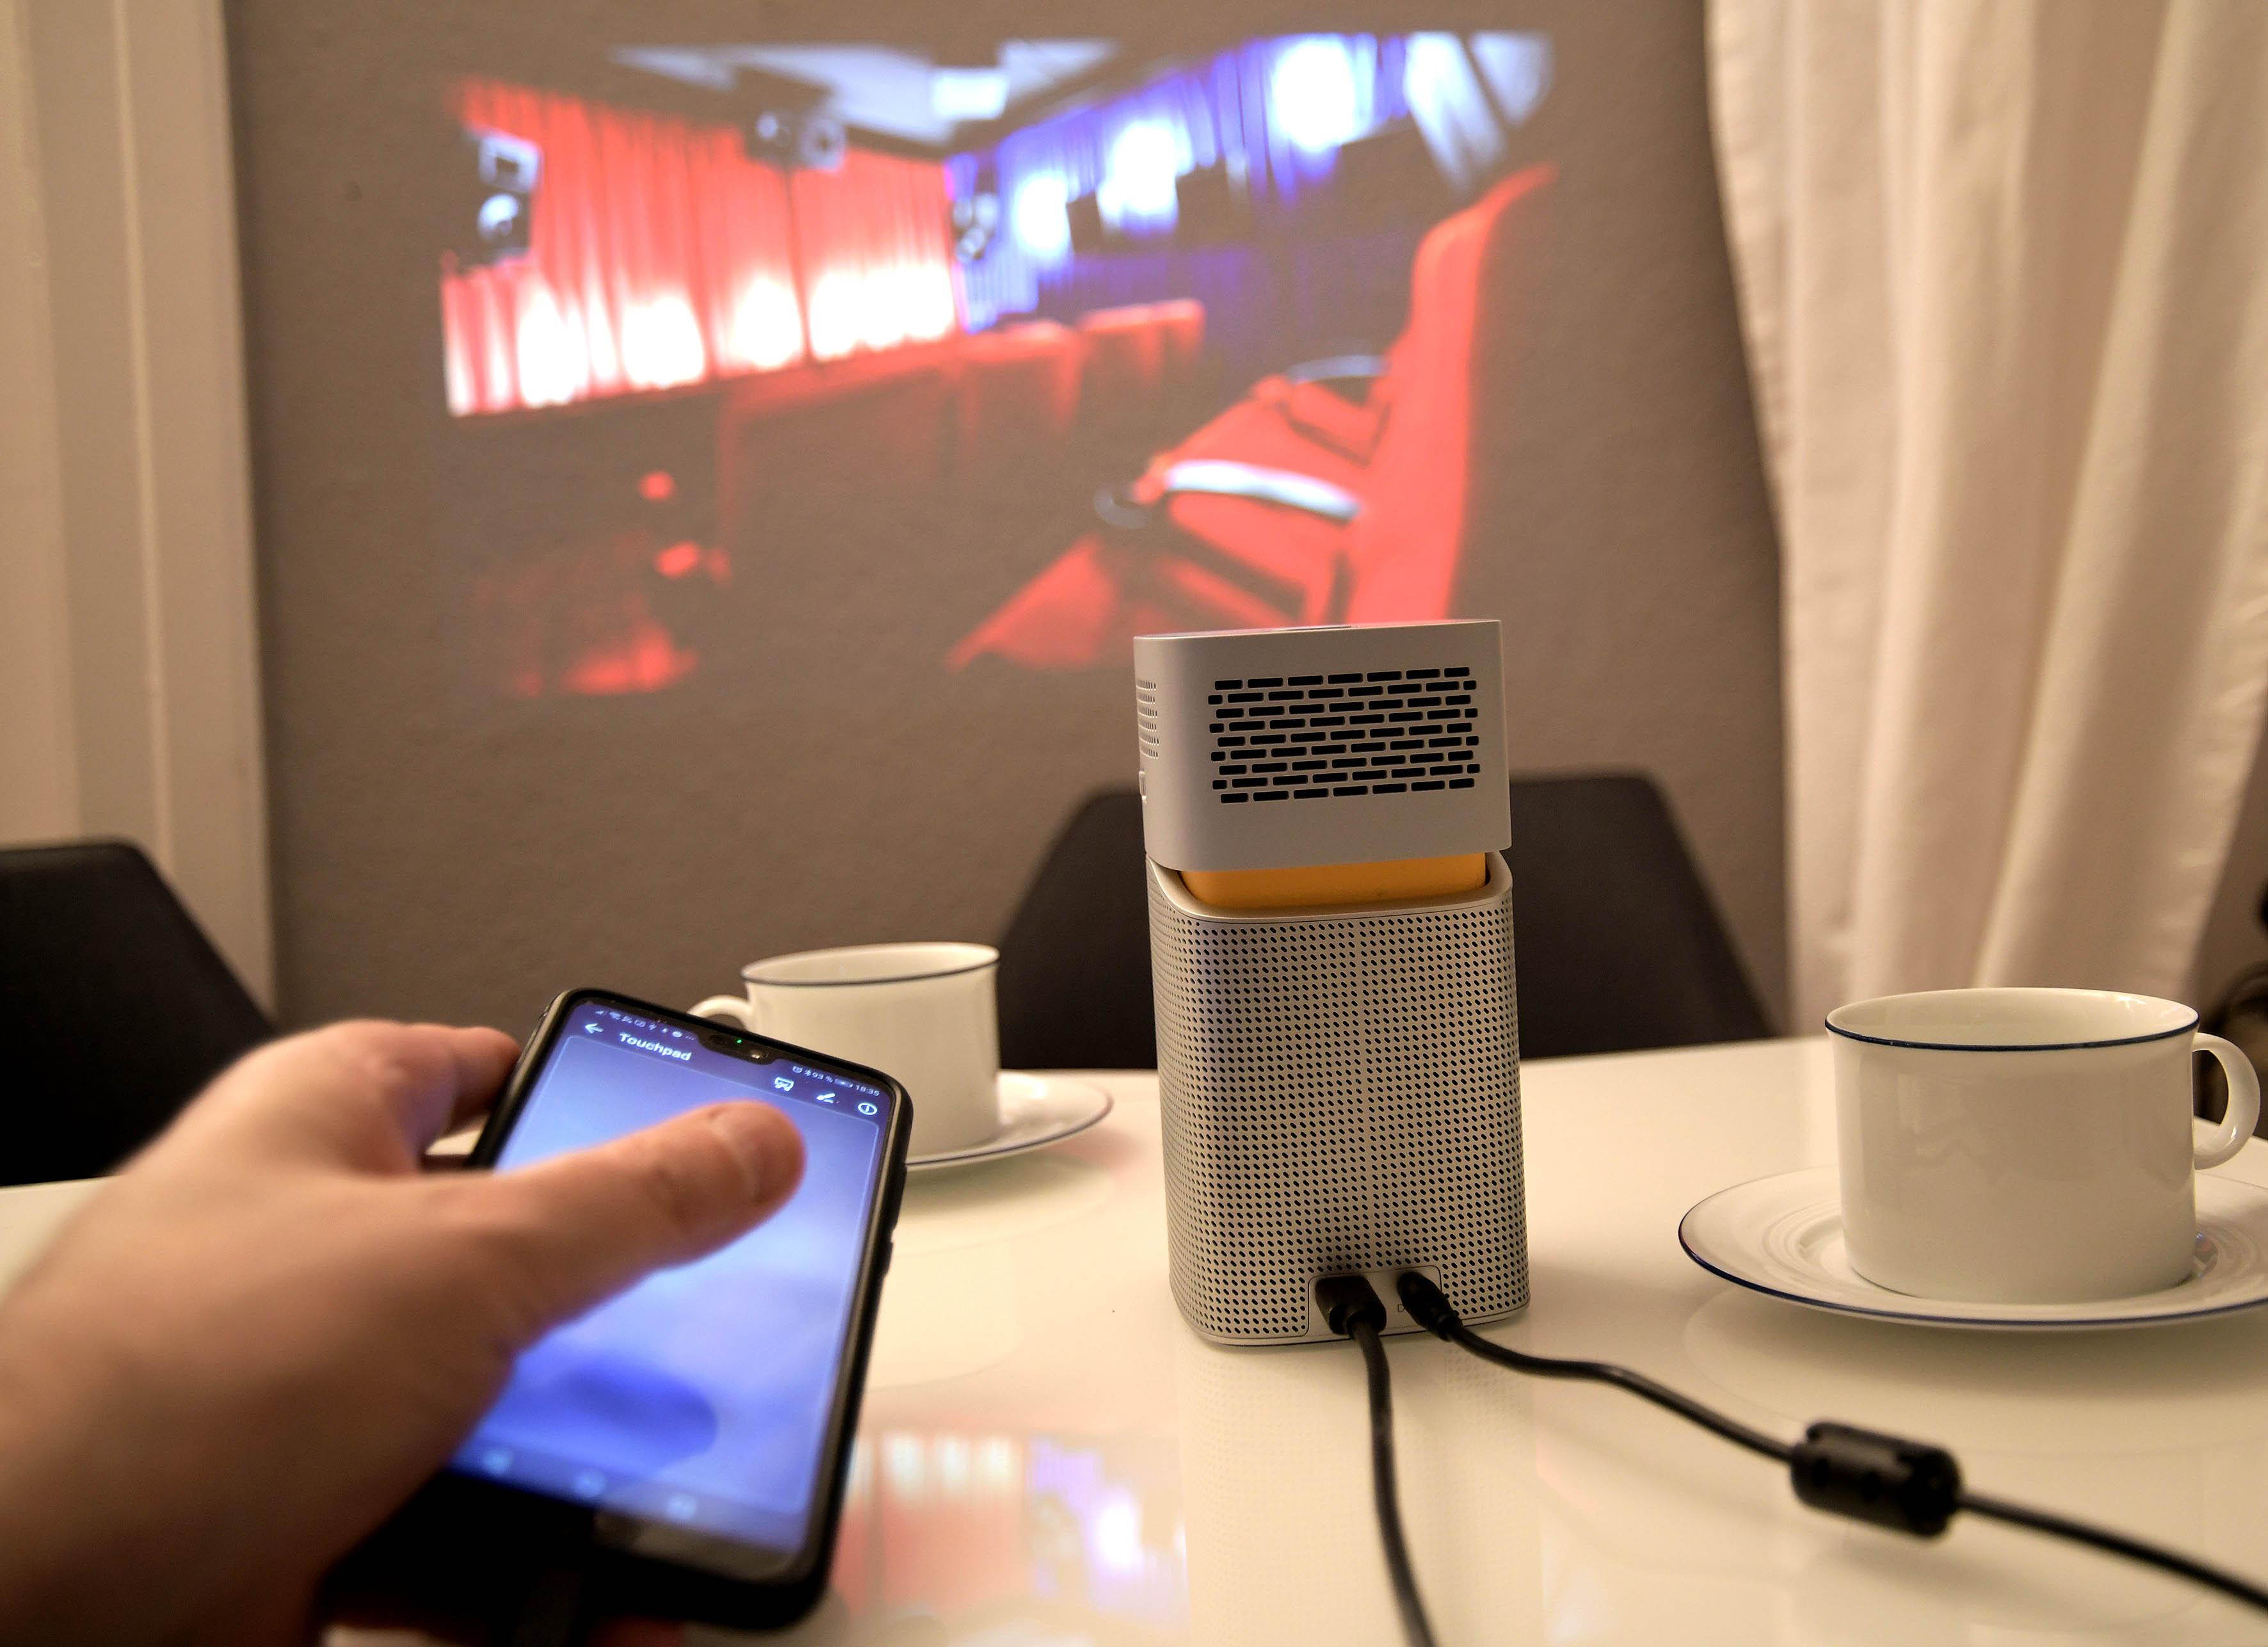 Foto: Michael B. Rehders Das Smartphone wird sofort vom BenQ GV1 erkannt. Wahlweise kann das Display meines Huawei G20 Pro gespiegelt werden oder (wie in diesem Fall) fungiert das Smartphone als Touchpad. Ich wische einfach über das Display meines Telefons und kann so alle Einstellungen auf dem projizierten On-Screen-Menü des GV1 vornehmen.